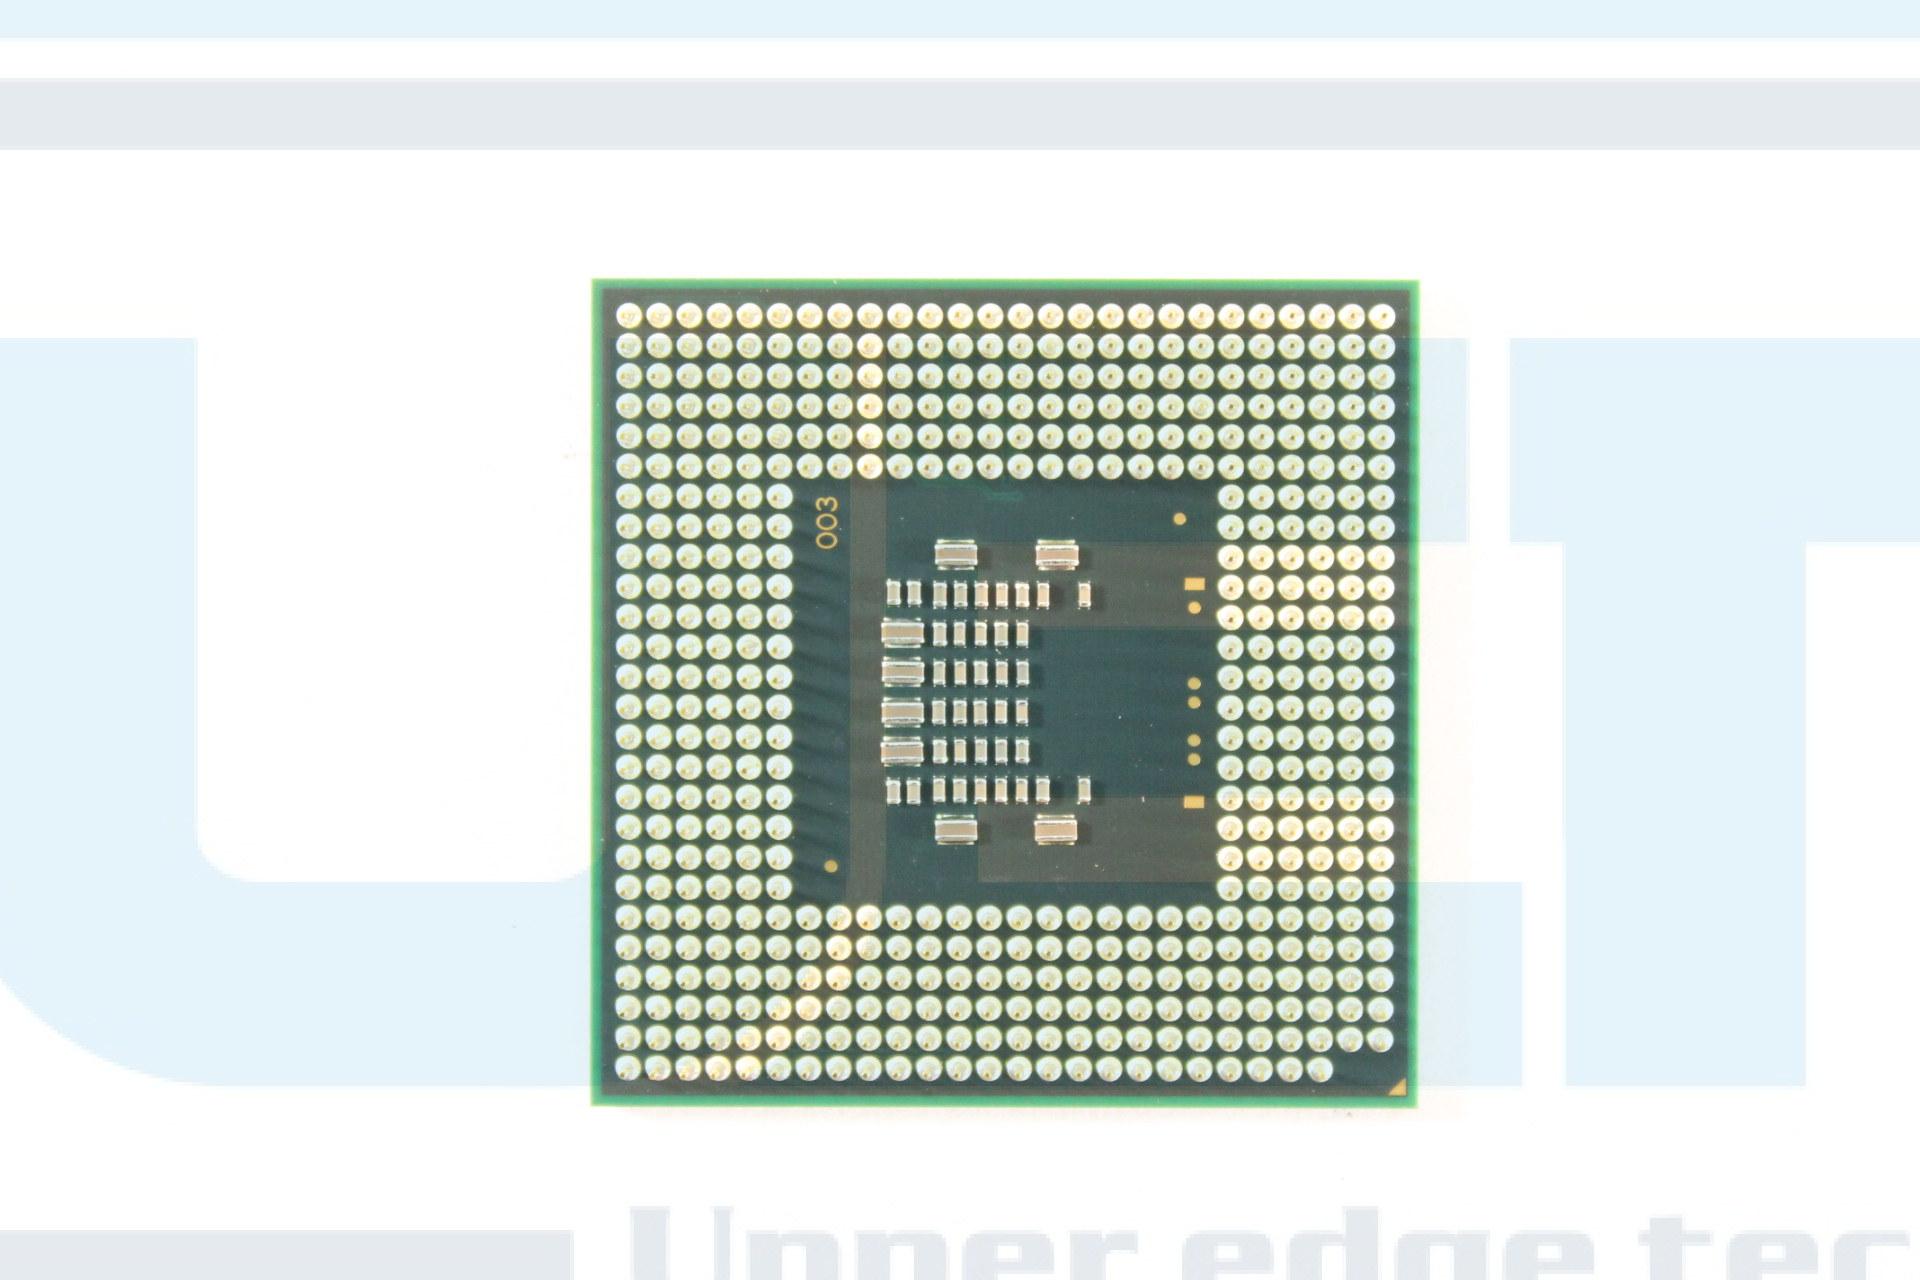 Latitude D630 D830 Intel Core 2 Duo CPU T7100 SLA4A 18 GHz 800 MB Processor